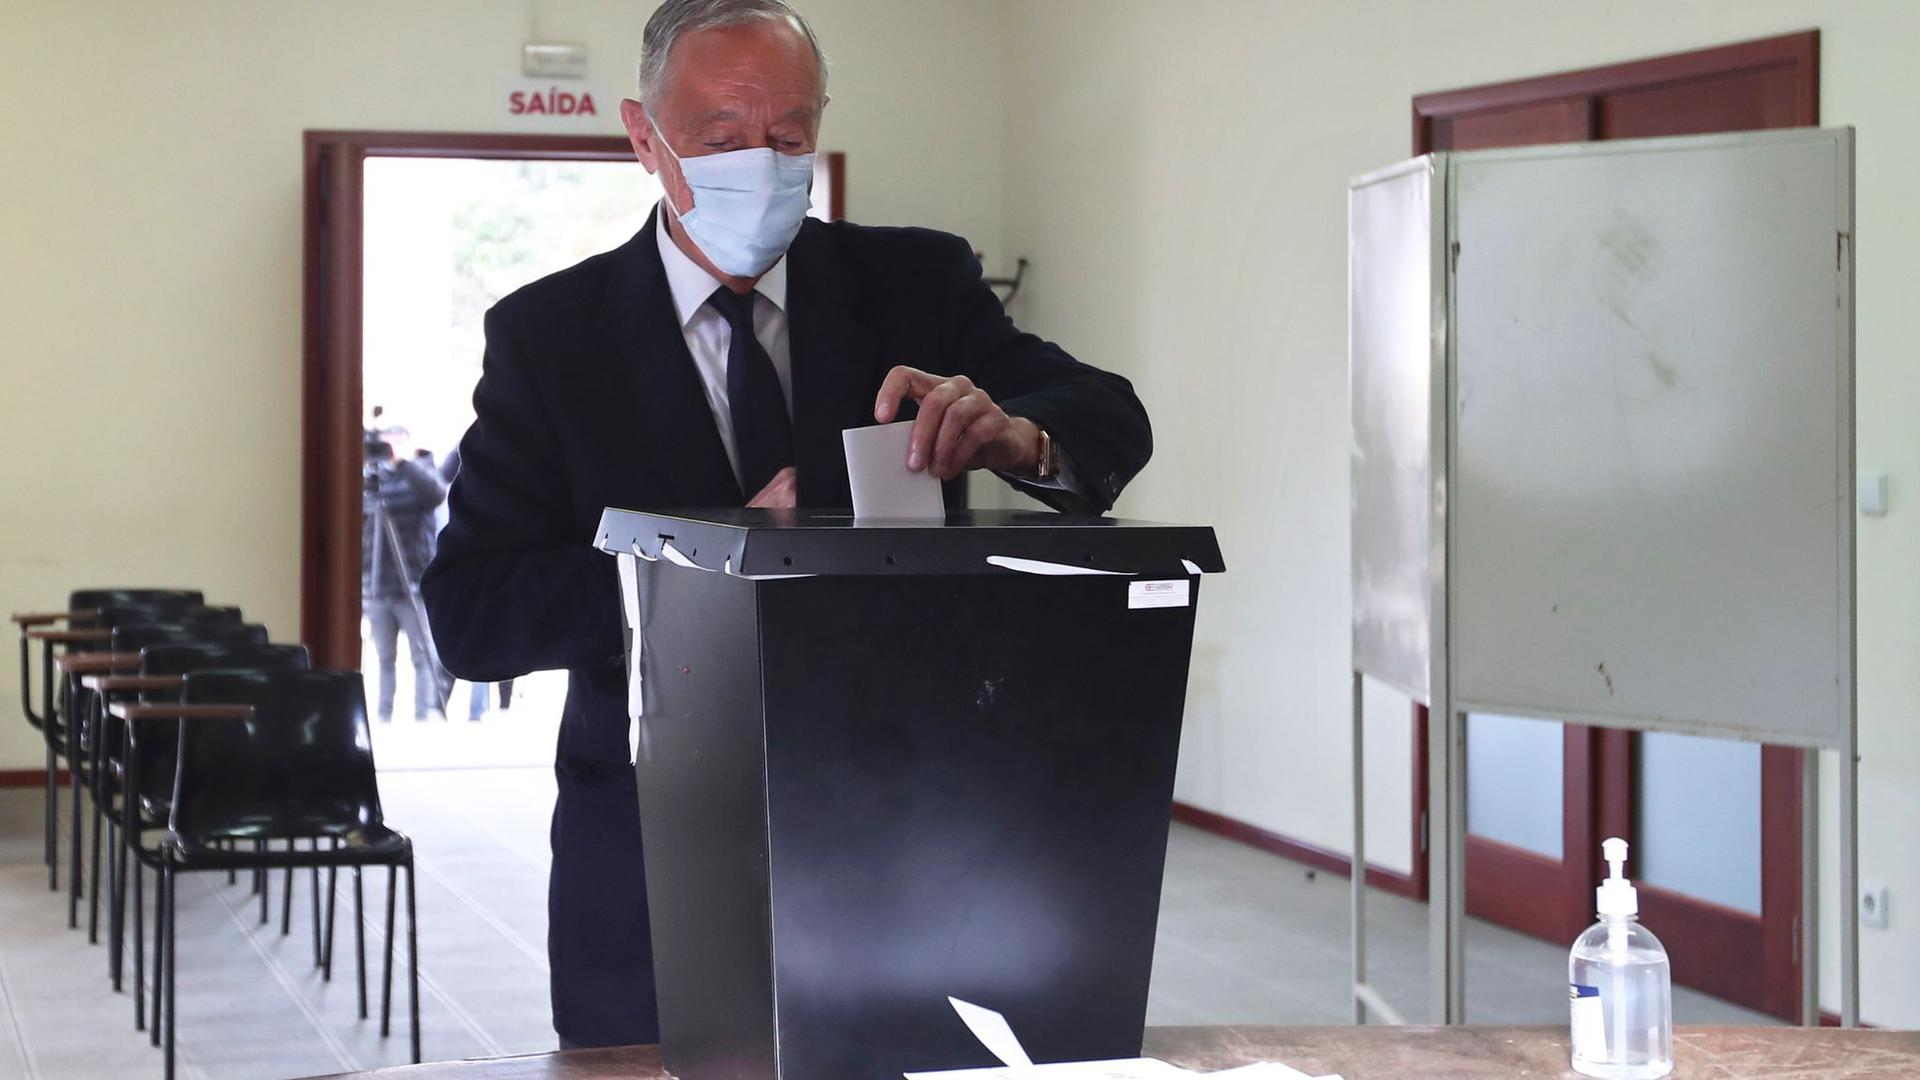 Marcelo Rebelo de Sousa gibt seinen Stimmzettel in einem Wahllokal ab.